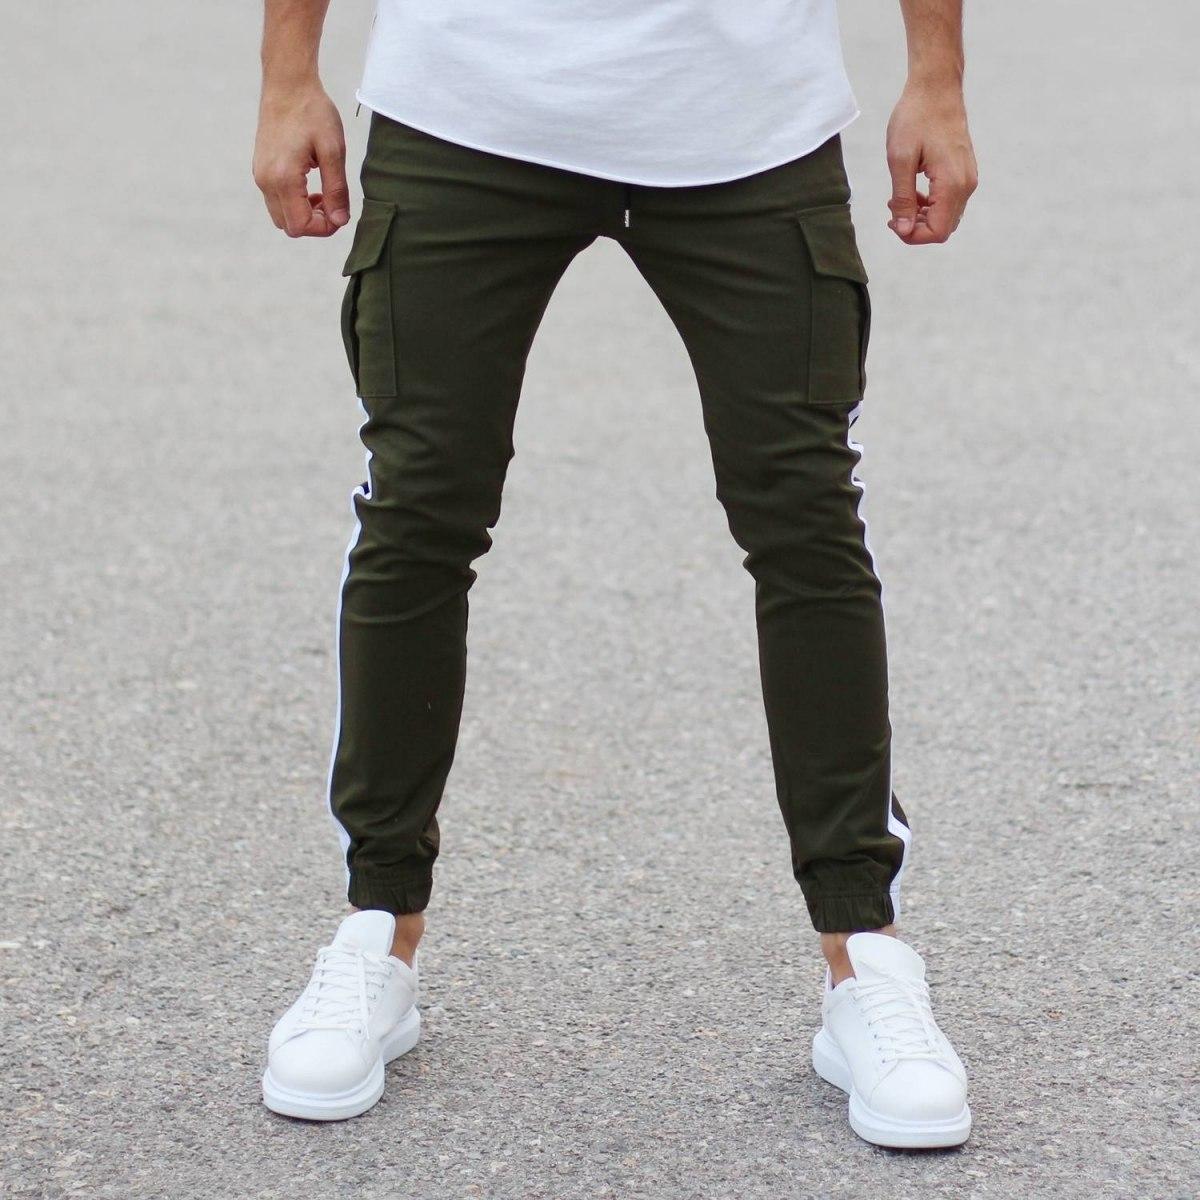 Khaki Pants With Large...